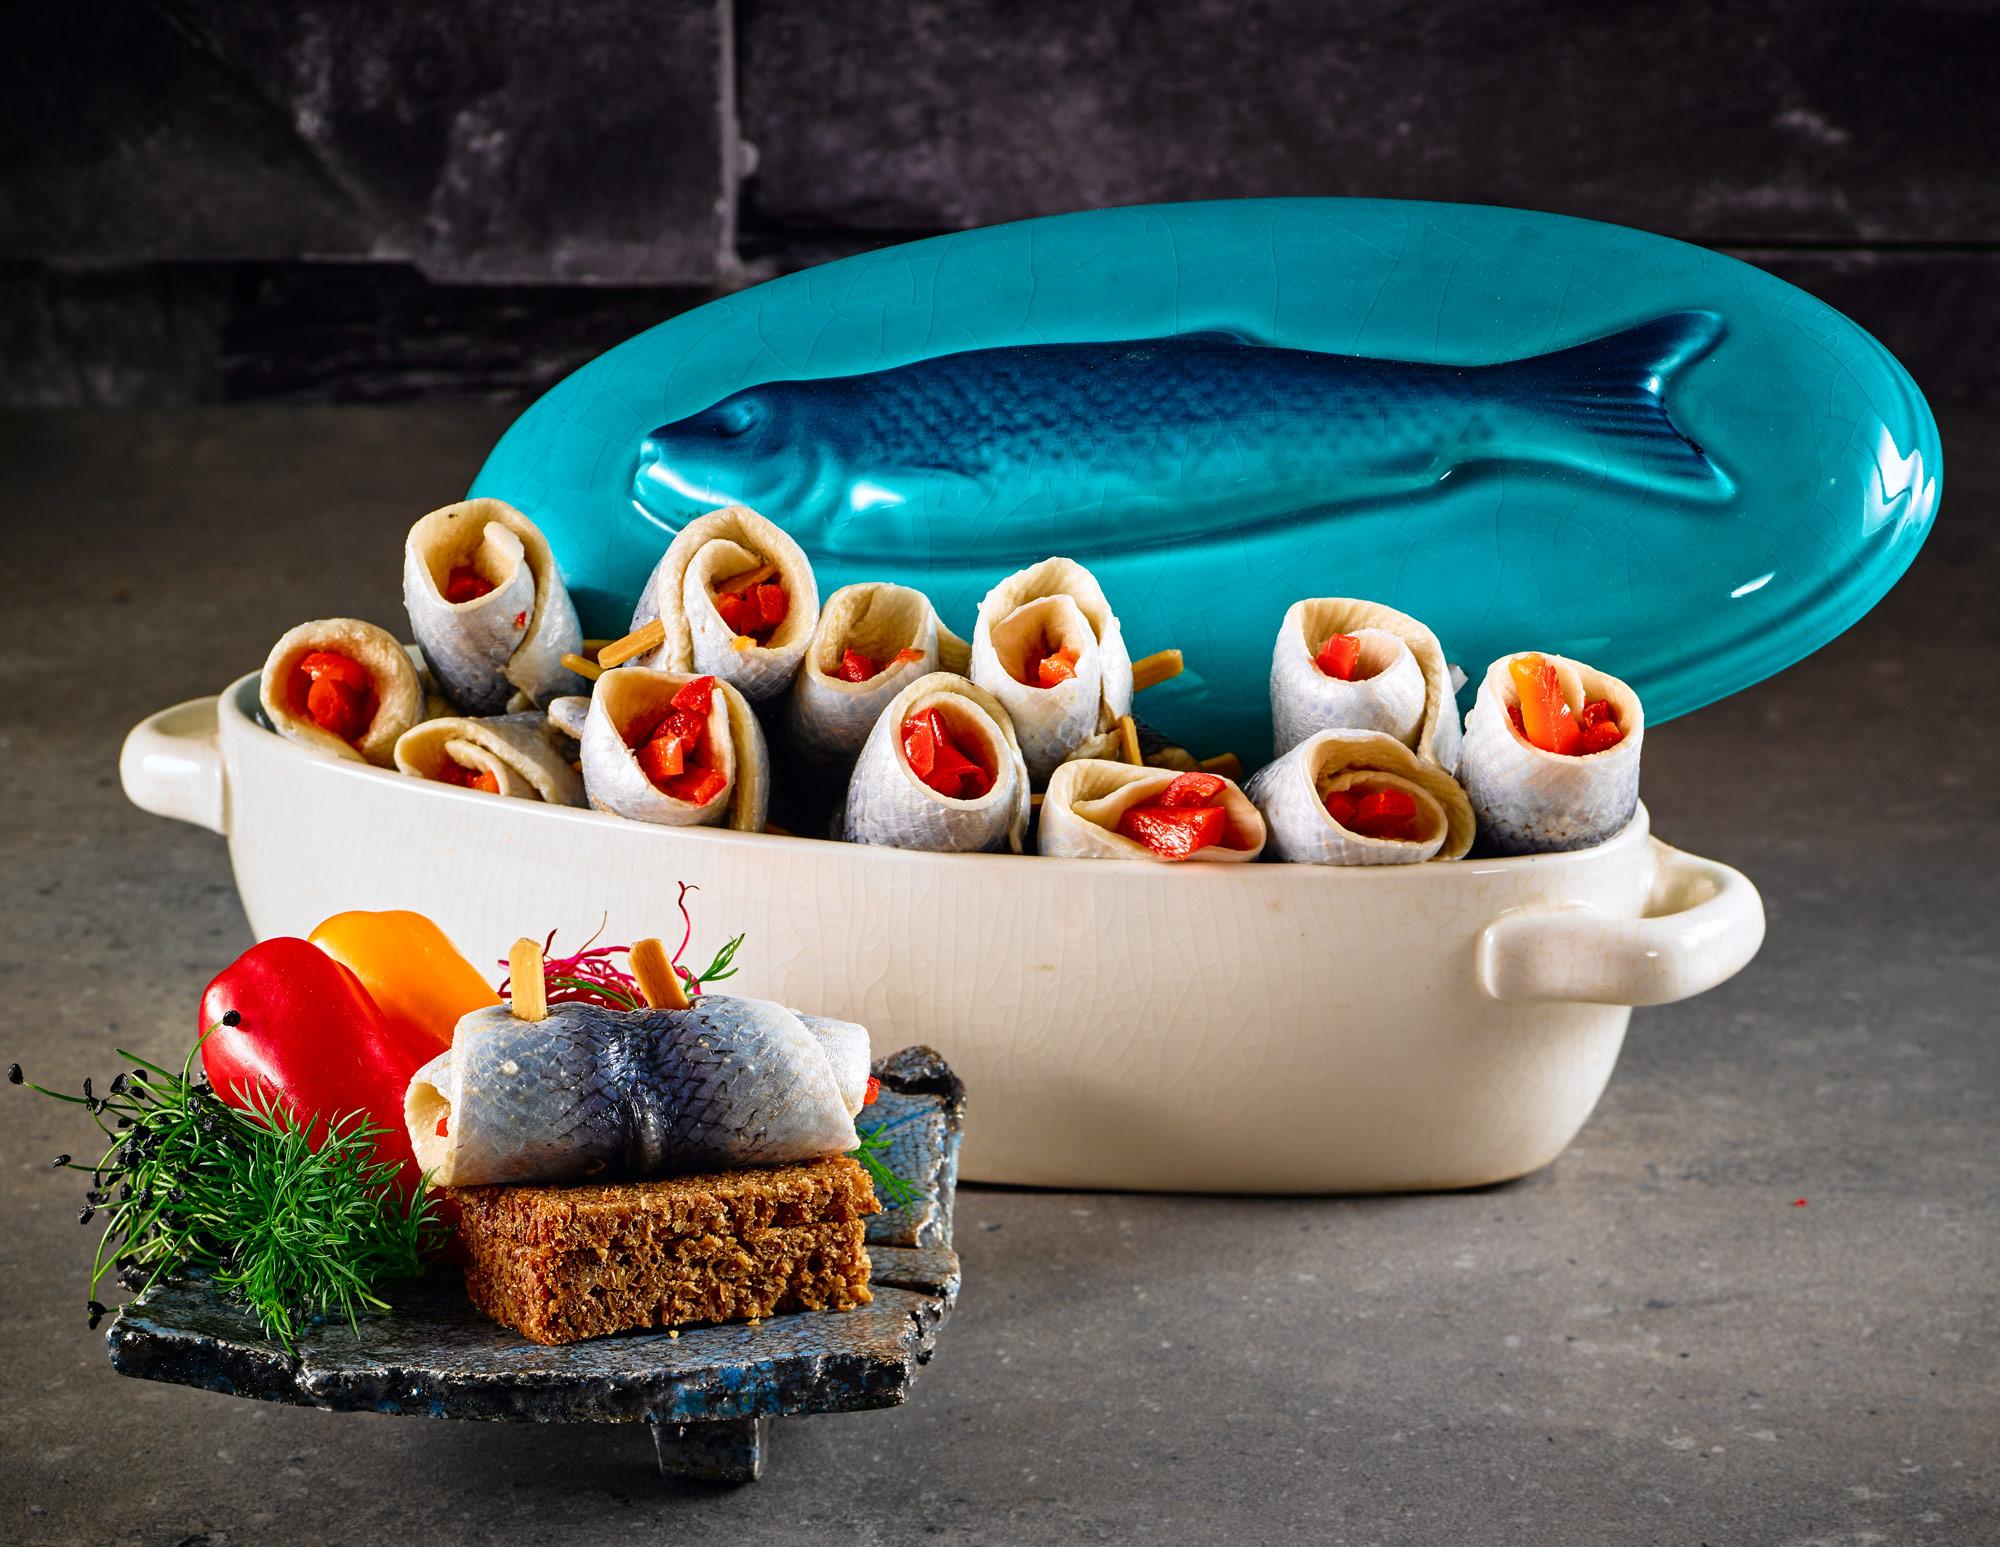 Foodfotograf-Matthias-Hoffmann-Referenzen-0010